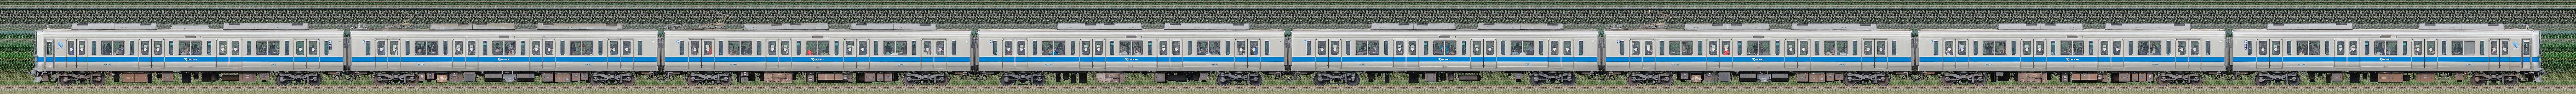 小田急2000形2052×8(海側)の編成サイドビュー